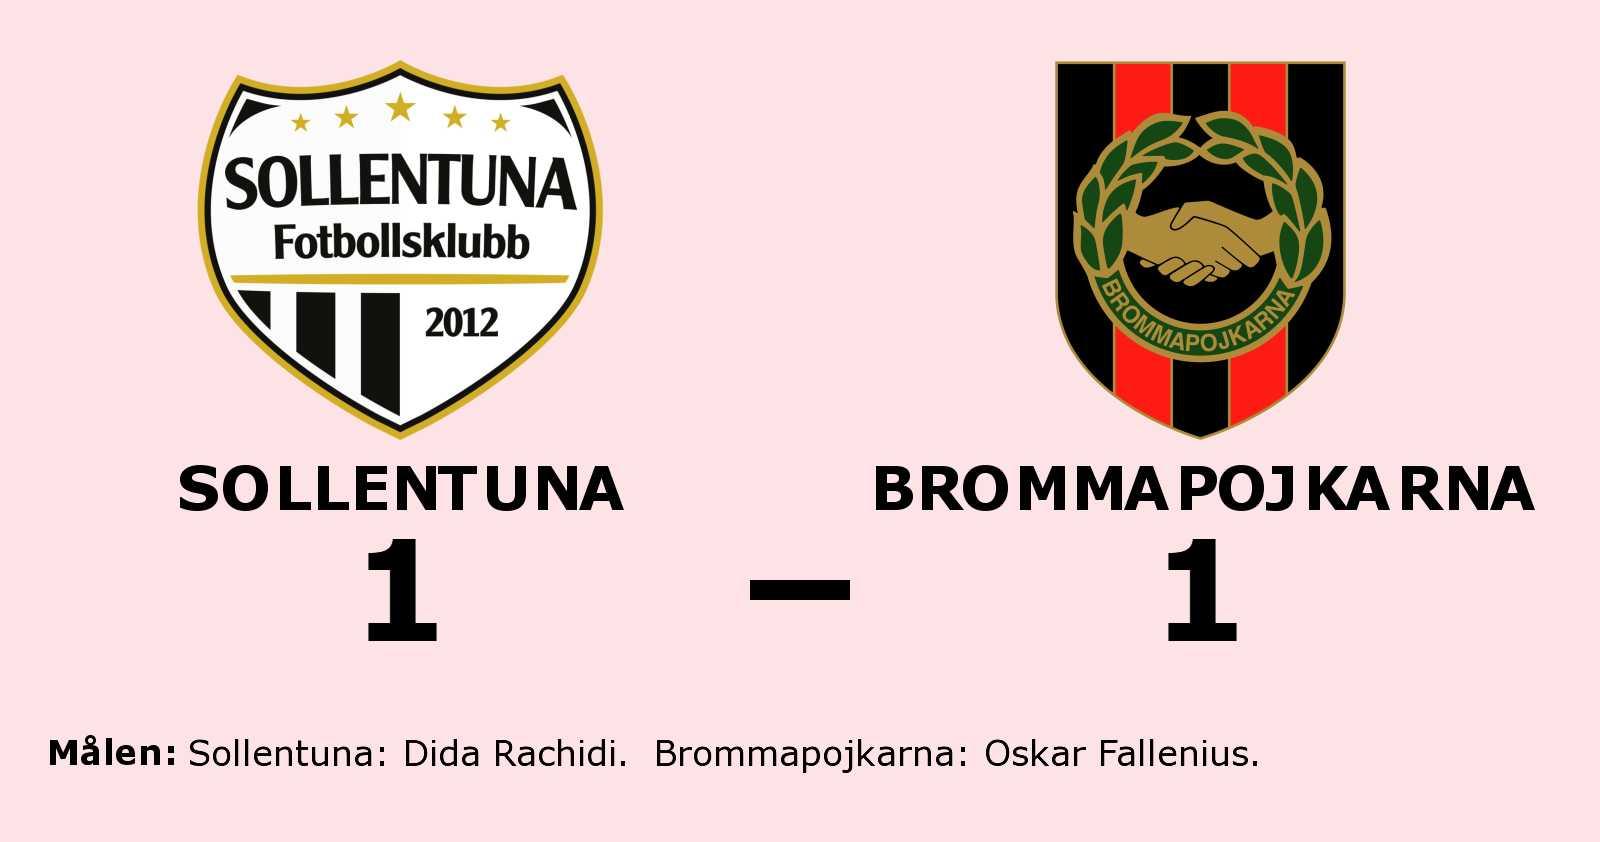 Oavgjort för Sollentuna hemma mot Brommapojkarna